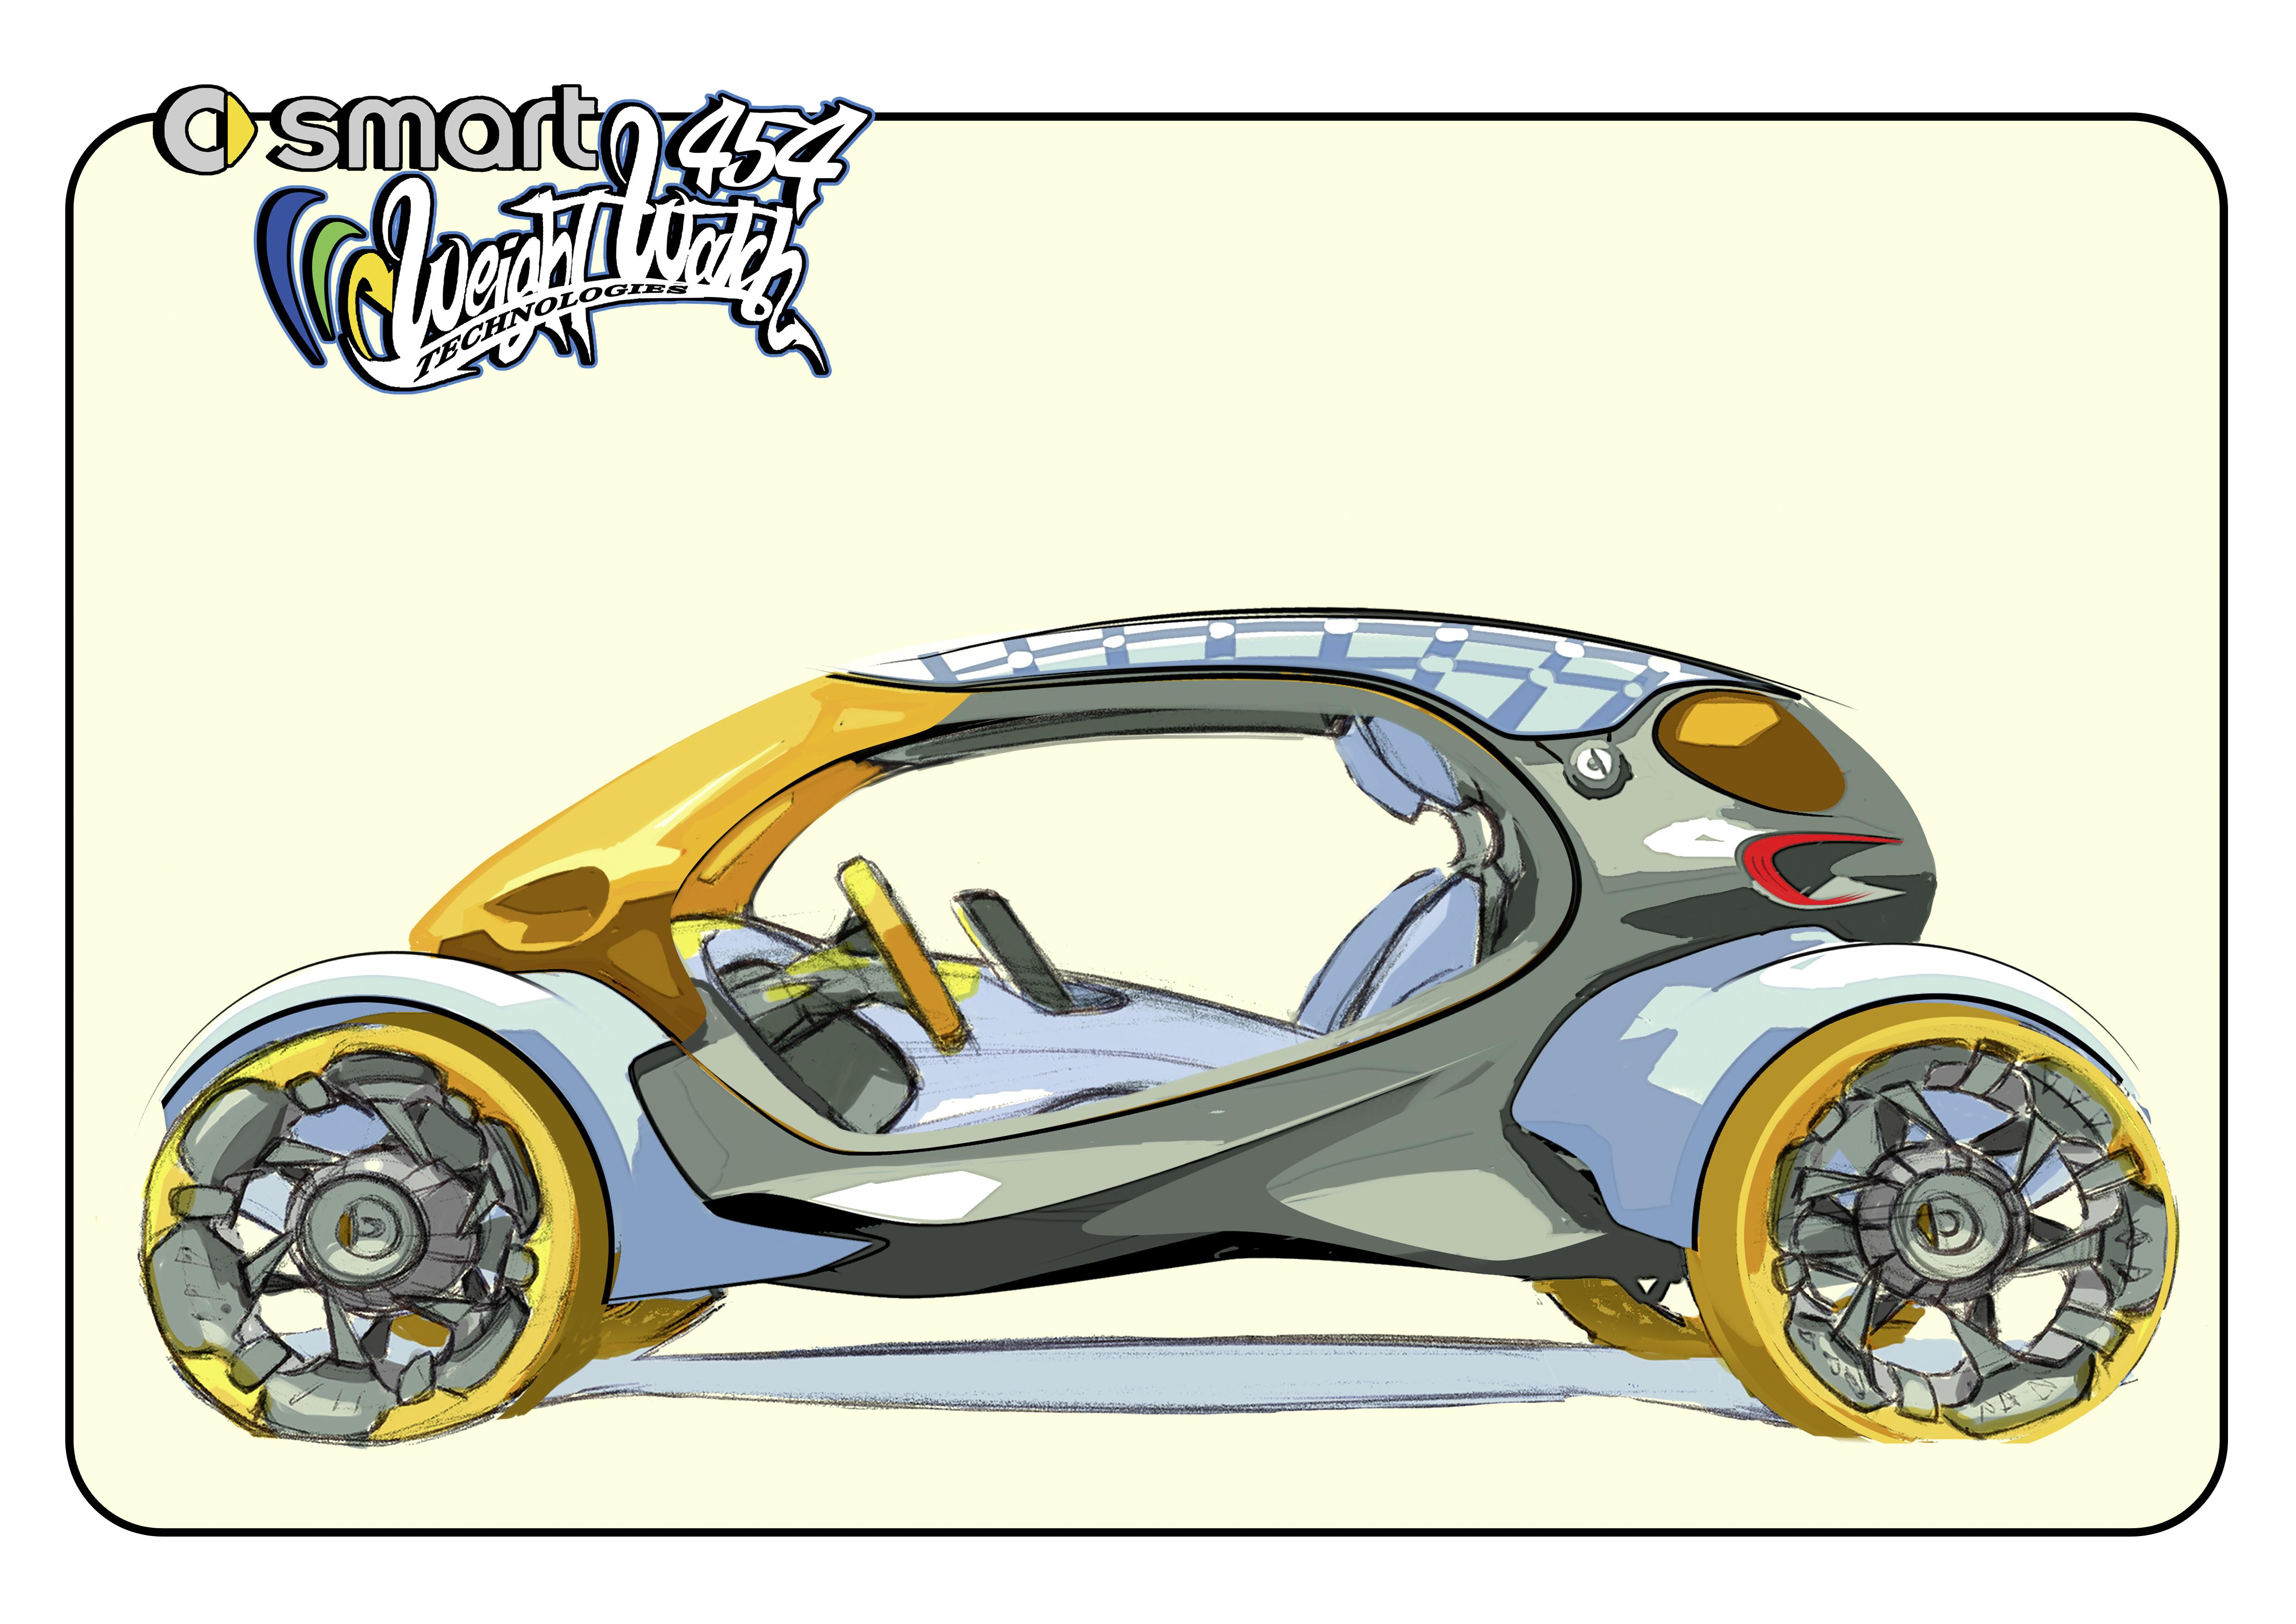 Smart 454 - Leichtbaukonzept zur LA Motor Show